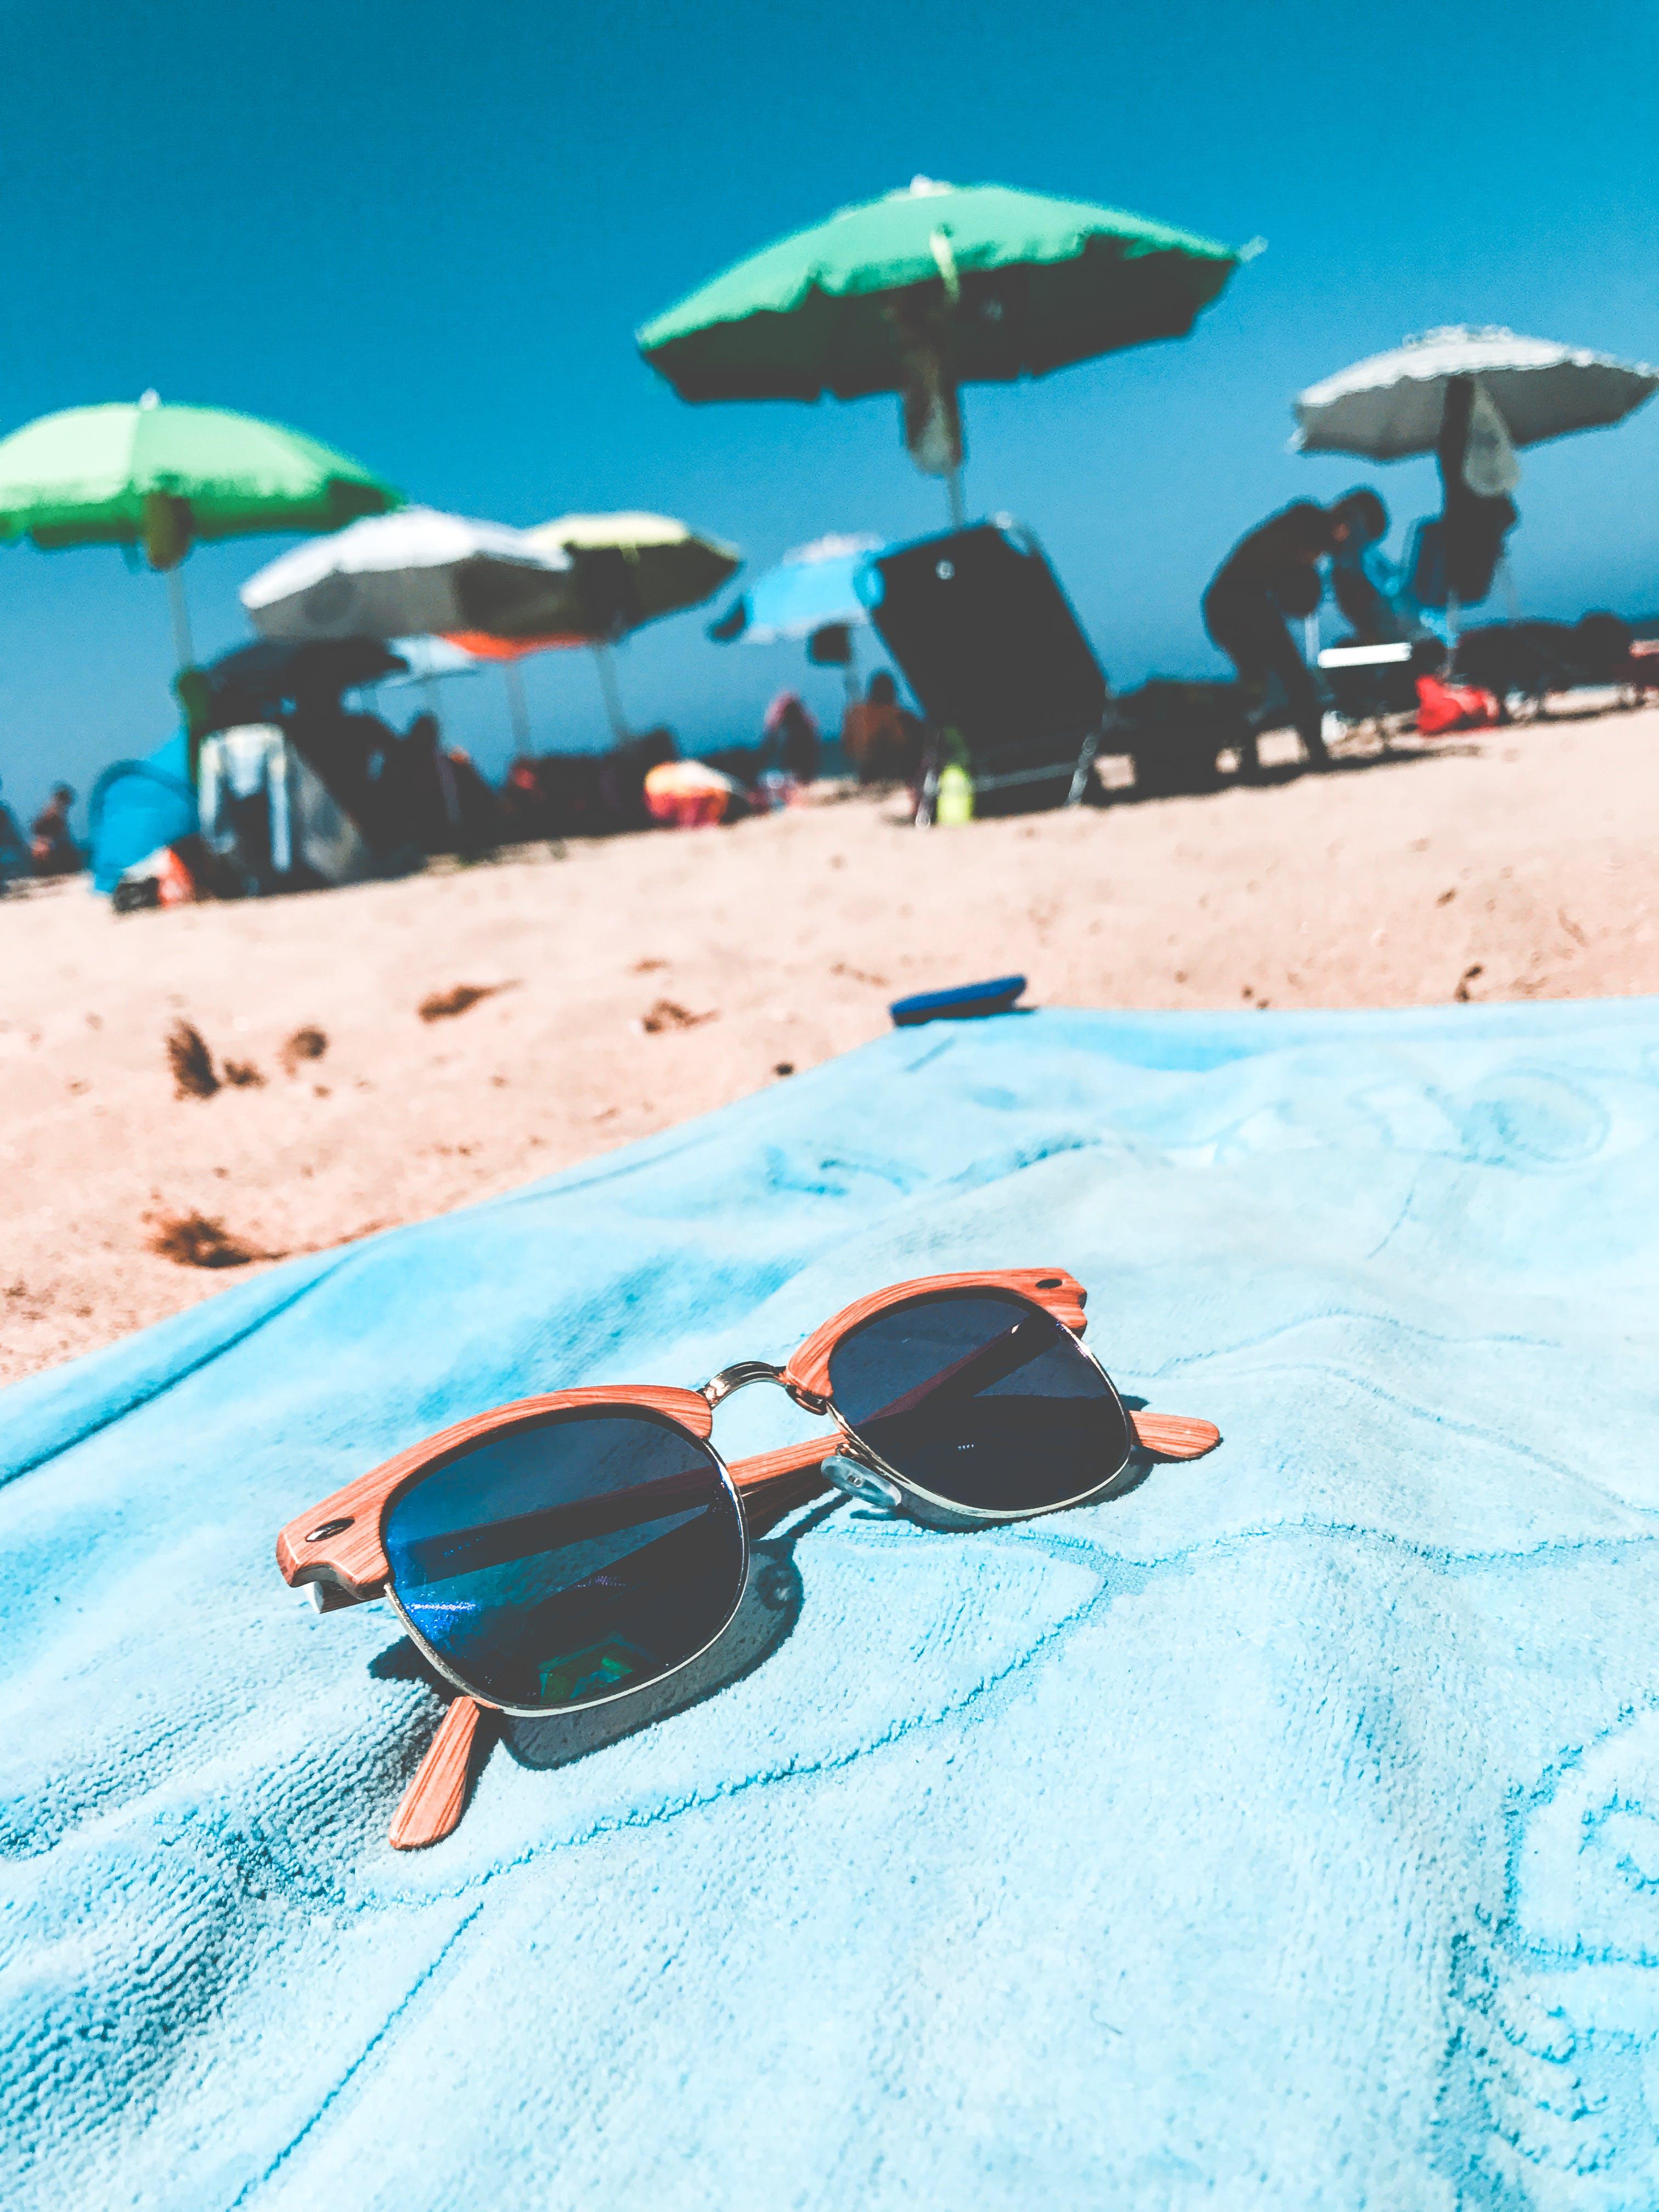 休閒, 假期, 墨鏡, 夏天 的